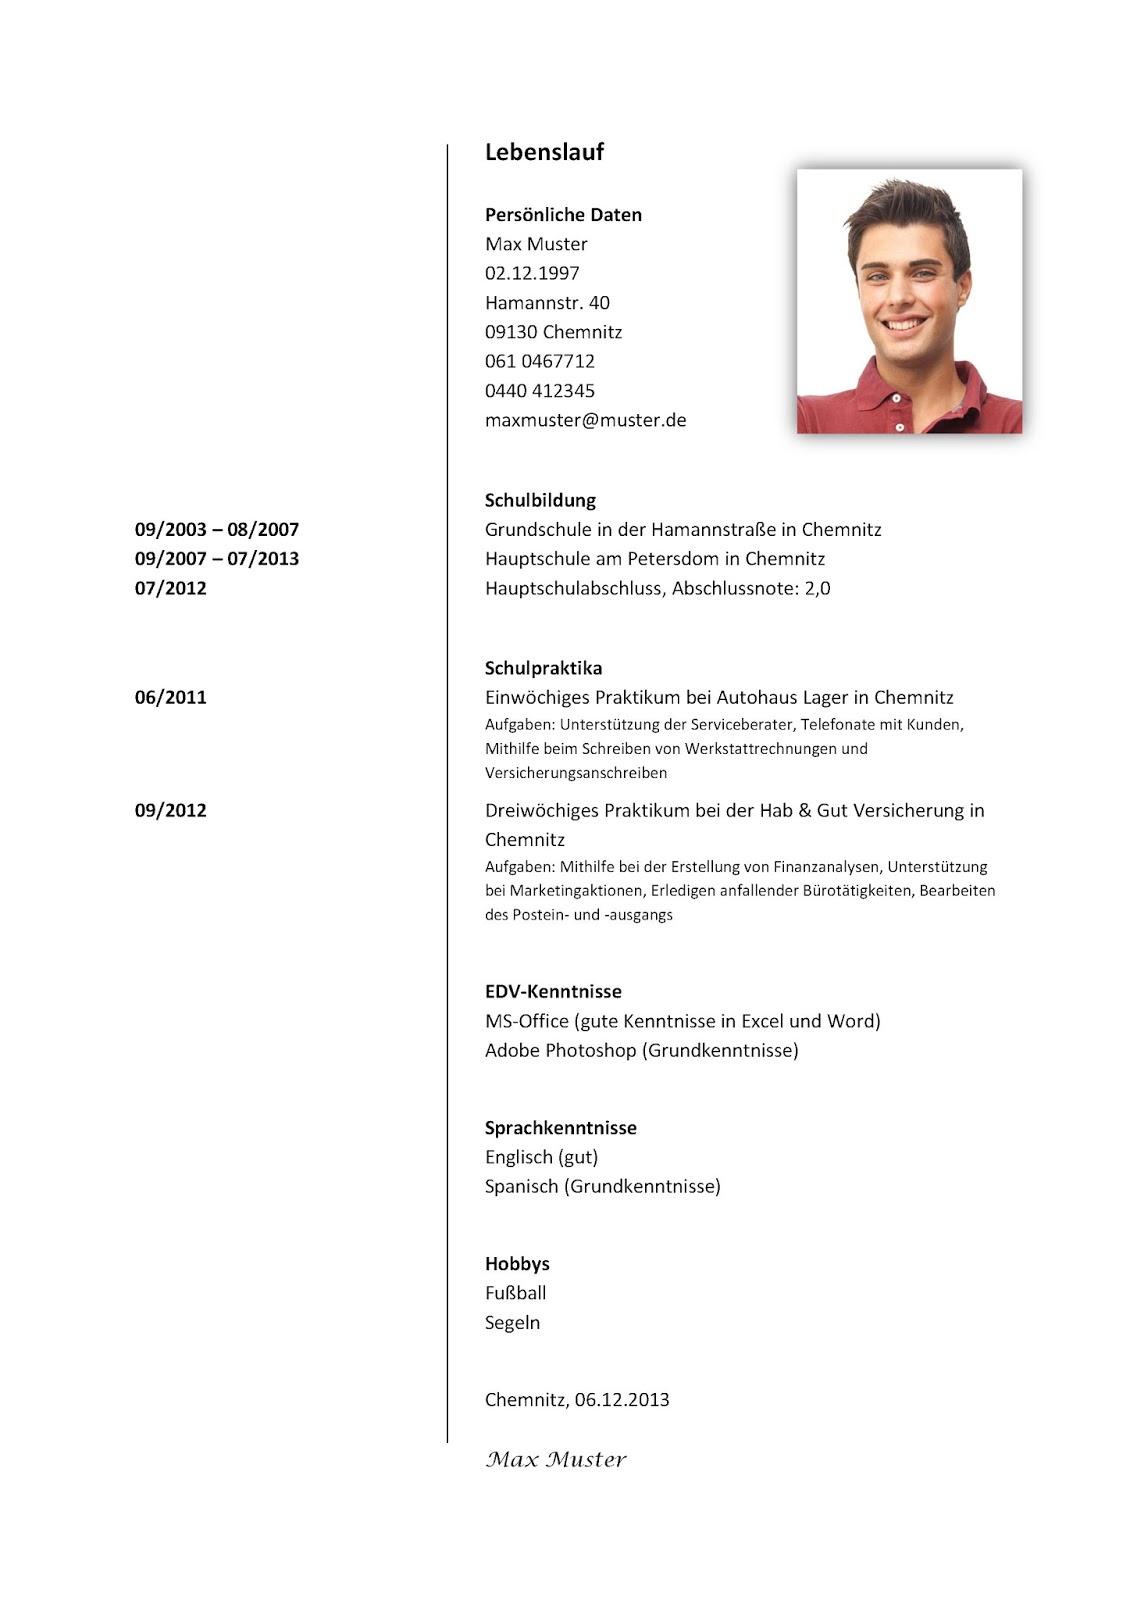 Muster Lebenslauf Vorlage Schweiz Lebenslauf Vorlage Schweiz